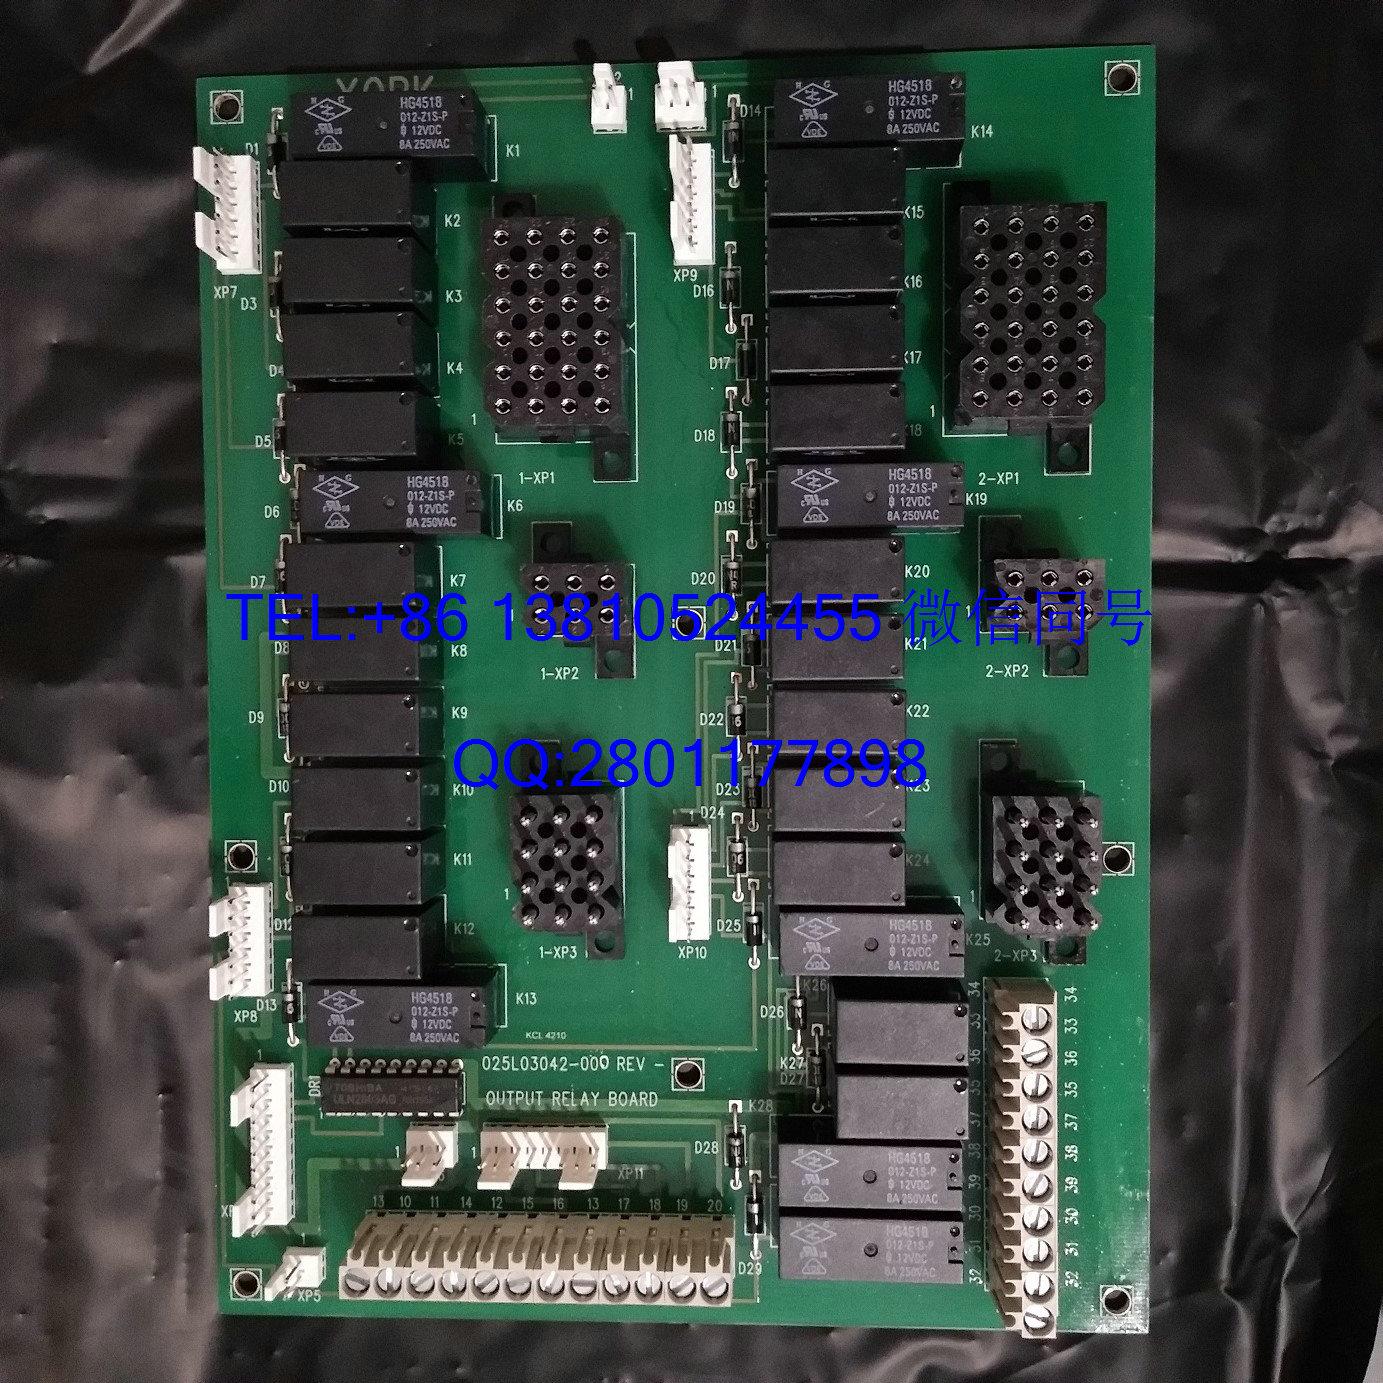 约克025L03042-000  输入输出继电器板